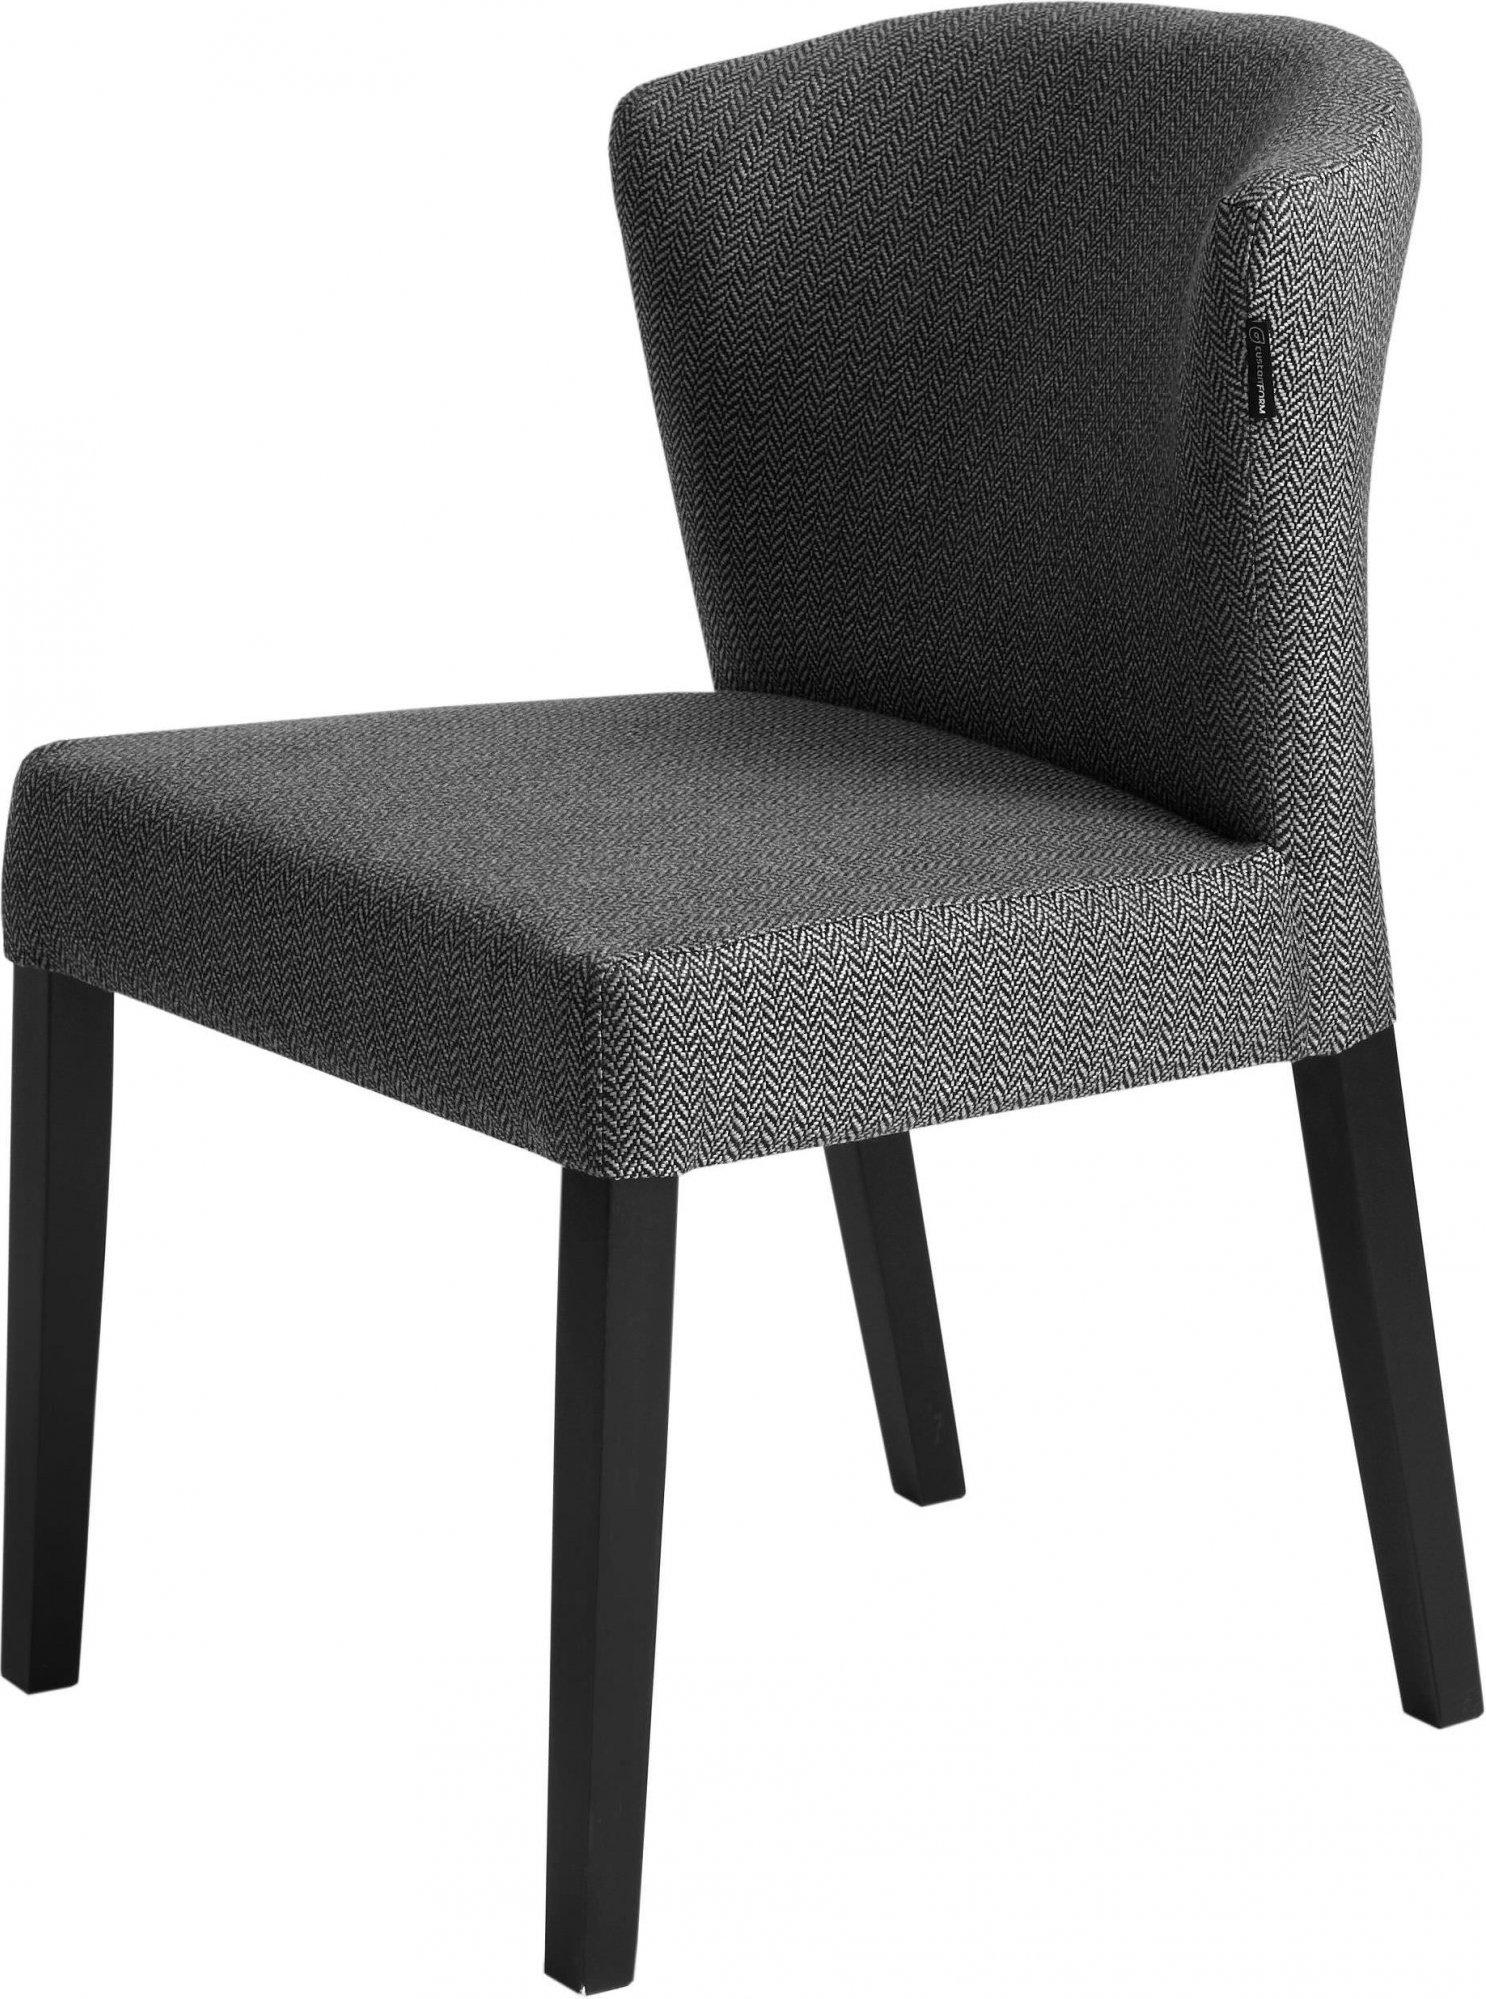 maison du monde Chaise cosy rembourrée couleur gris pieds bois noir